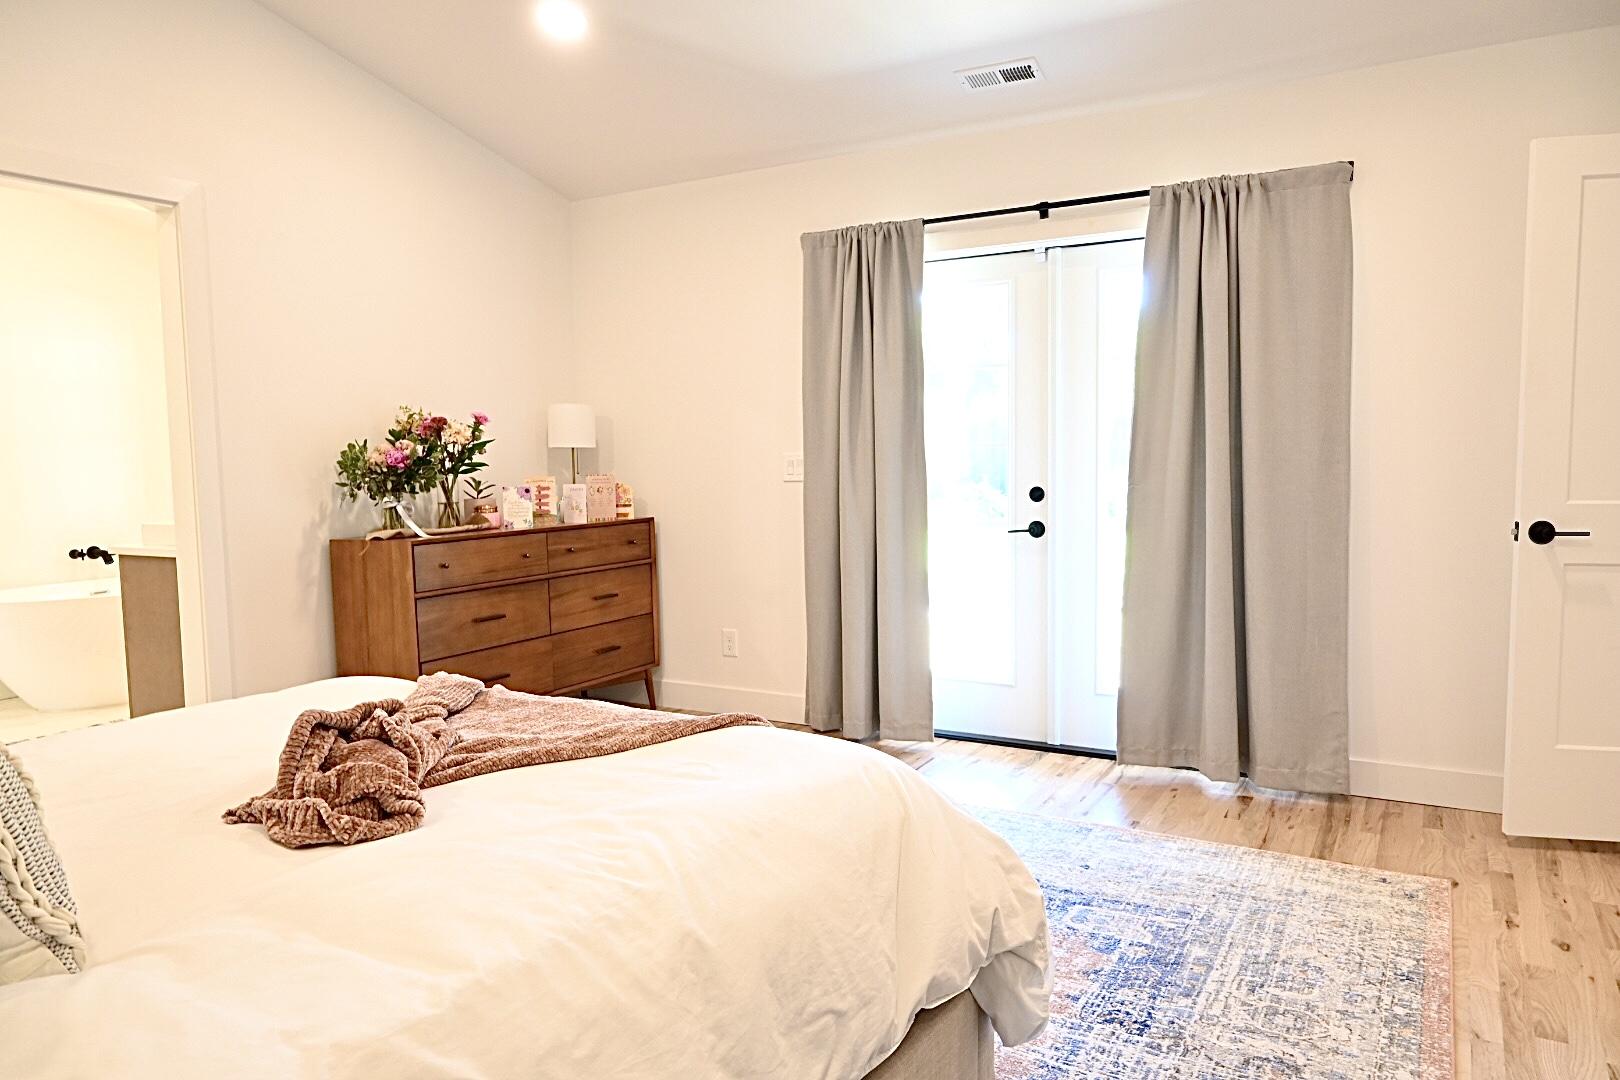 Sustainable Design Build Addition Builder Denver Hale Addition Bedroom Master